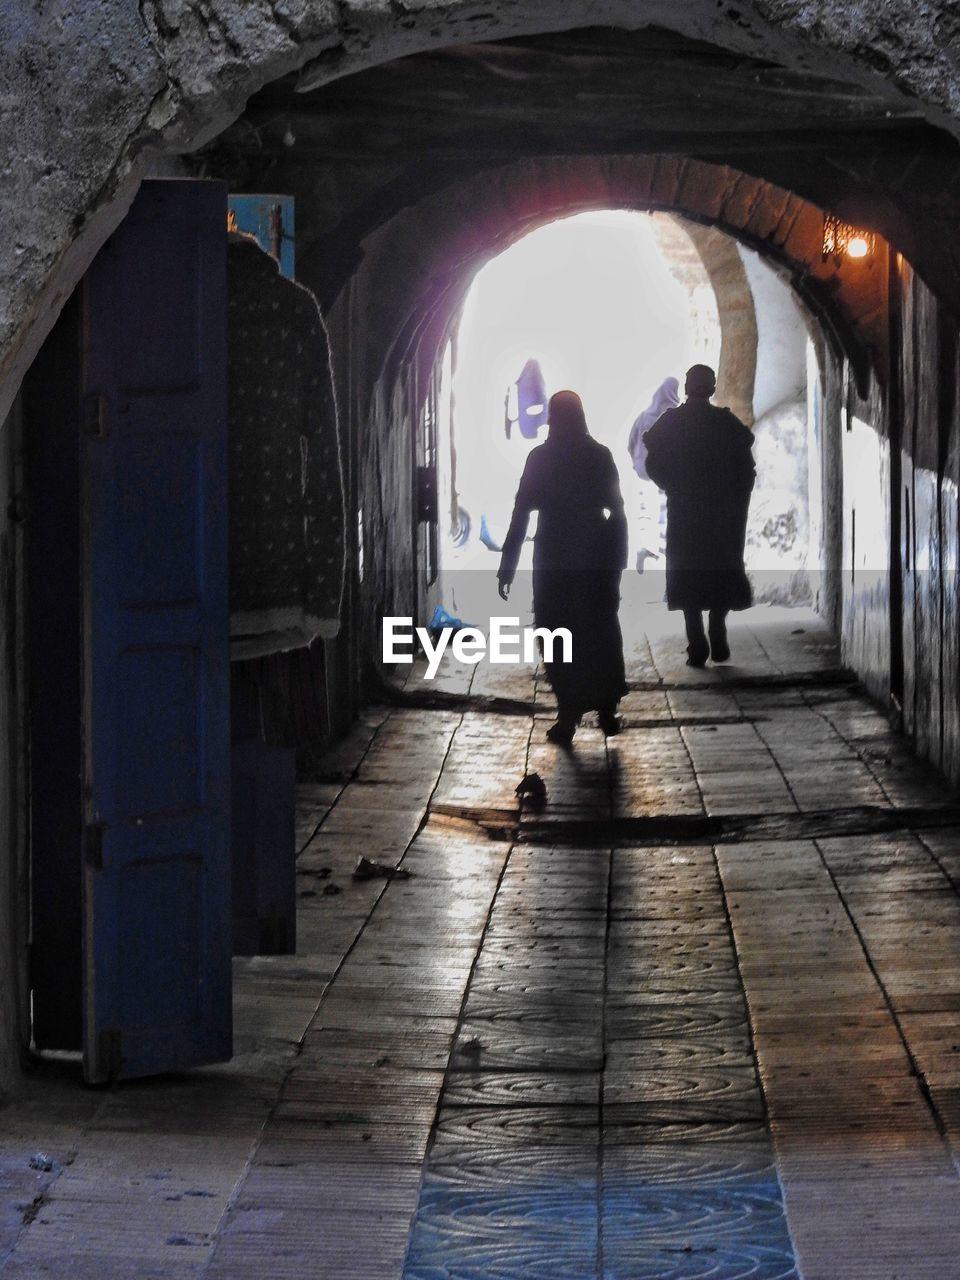 SILHOUETTE PEOPLE WALKING IN TUNNEL